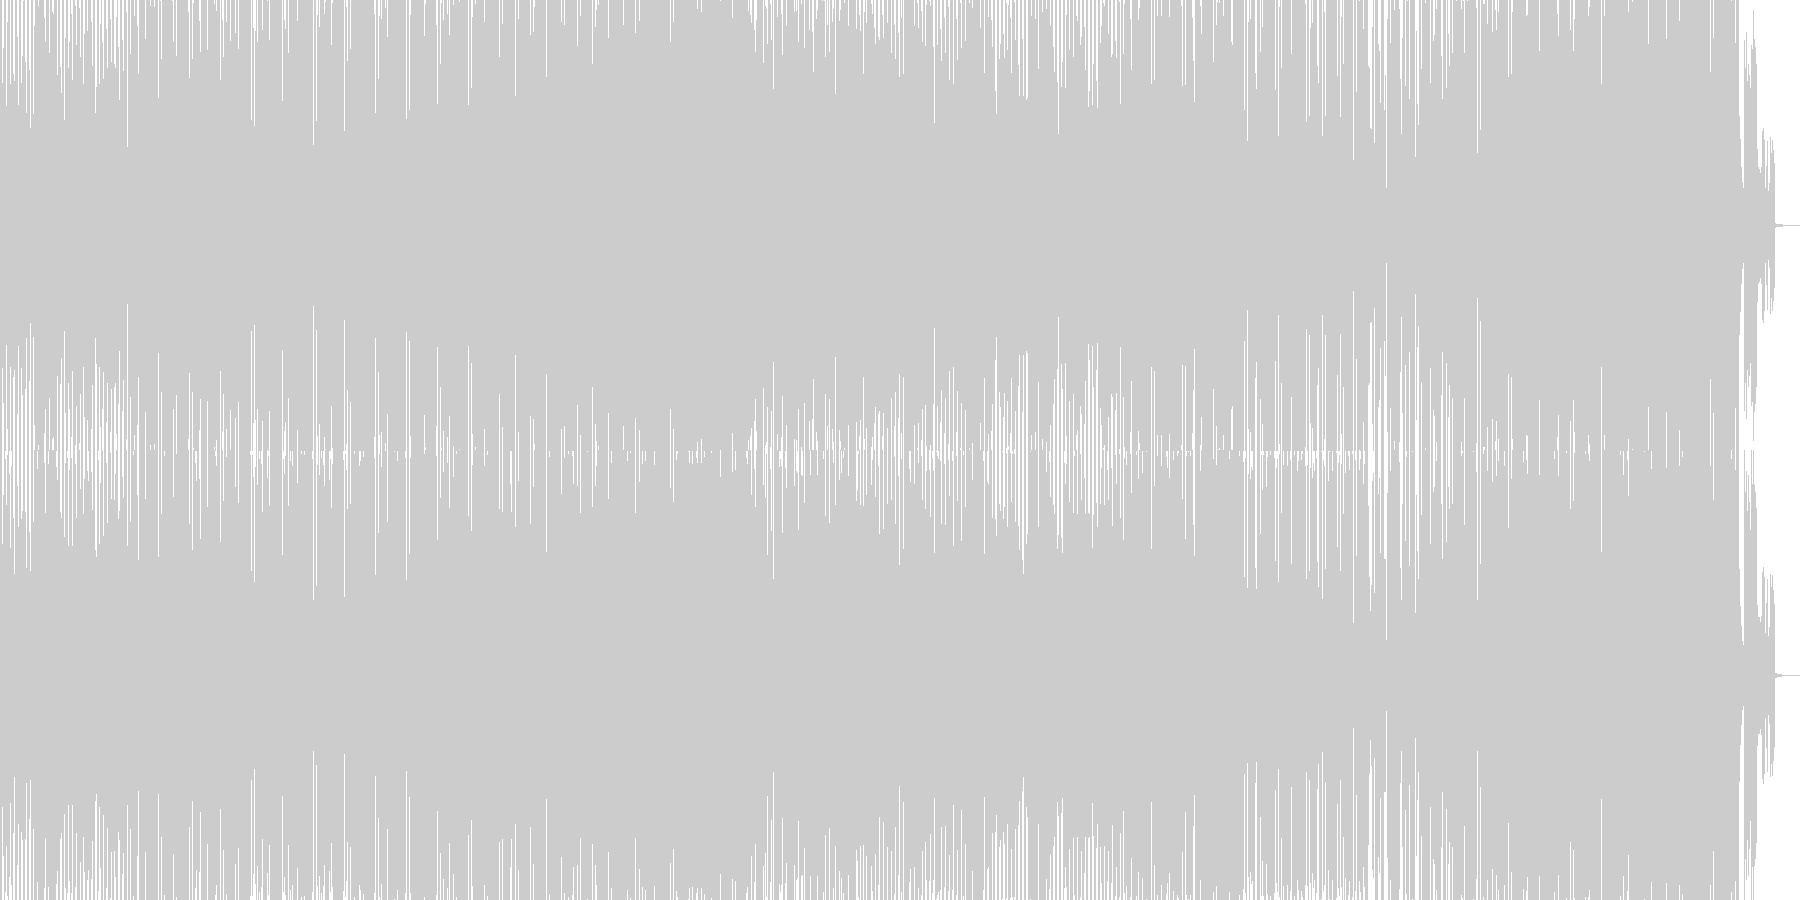 ロボットがダンスして歌うエレクトロポップの未再生の波形